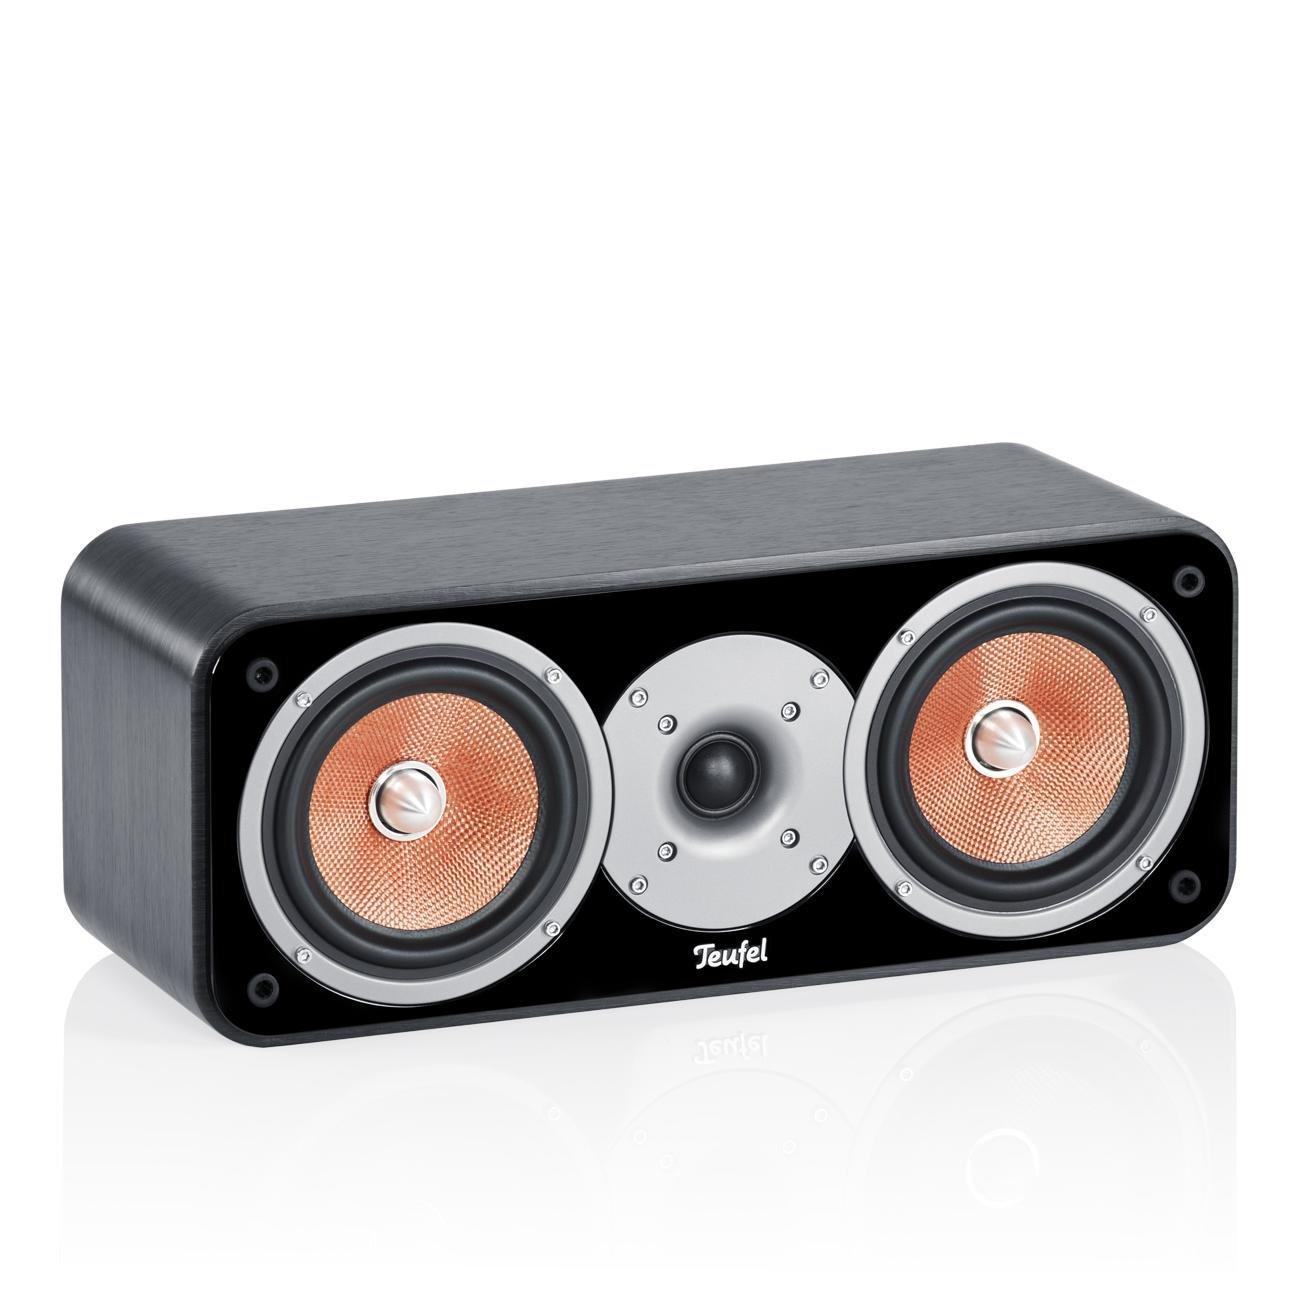 test teufel ultima 40 5 1 soundsystem hifi. Black Bedroom Furniture Sets. Home Design Ideas